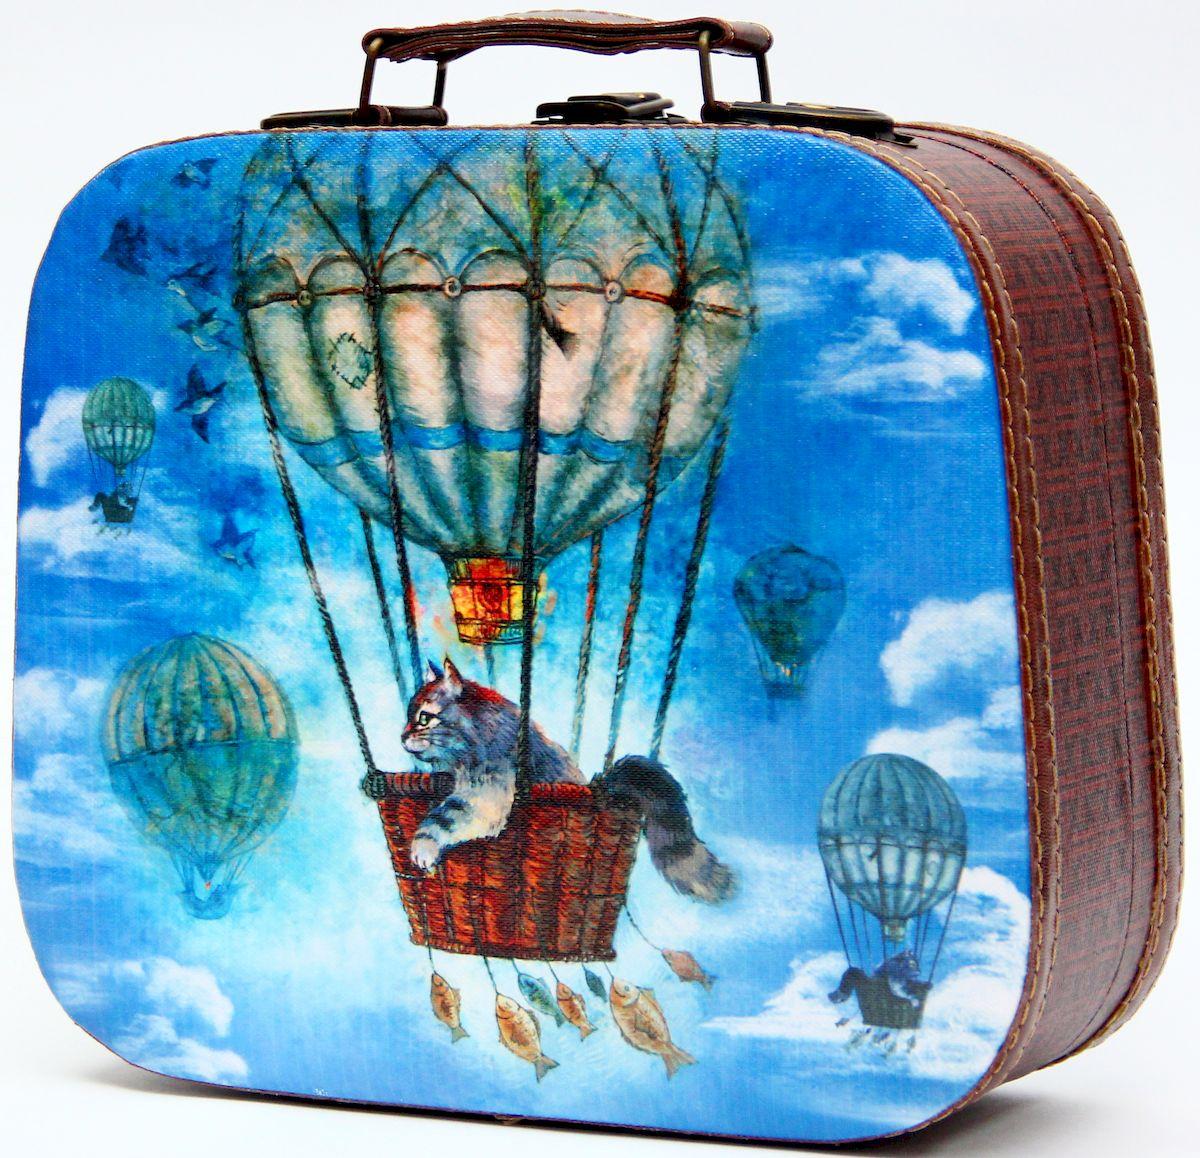 Шкатулка декоративная Magic Home Кот на воздушном шаре, цвет: синий, 25 х 20,5 х 9 см42737Декоративная шкатулка Magic Home Кот на воздушном шаре, выполненная из МДФ, оформлена ярким цветным изображением. Изделие закрывается на металлический замок и оснащено оригинальной ручкой под старину для переноски. Такая шкатулка может использоваться для хранения бижутерии, предметов рукоделия, в качестве украшения интерьера, а также послужит хорошим подарком для человека, ценящего практичные и оригинальные вещицы.